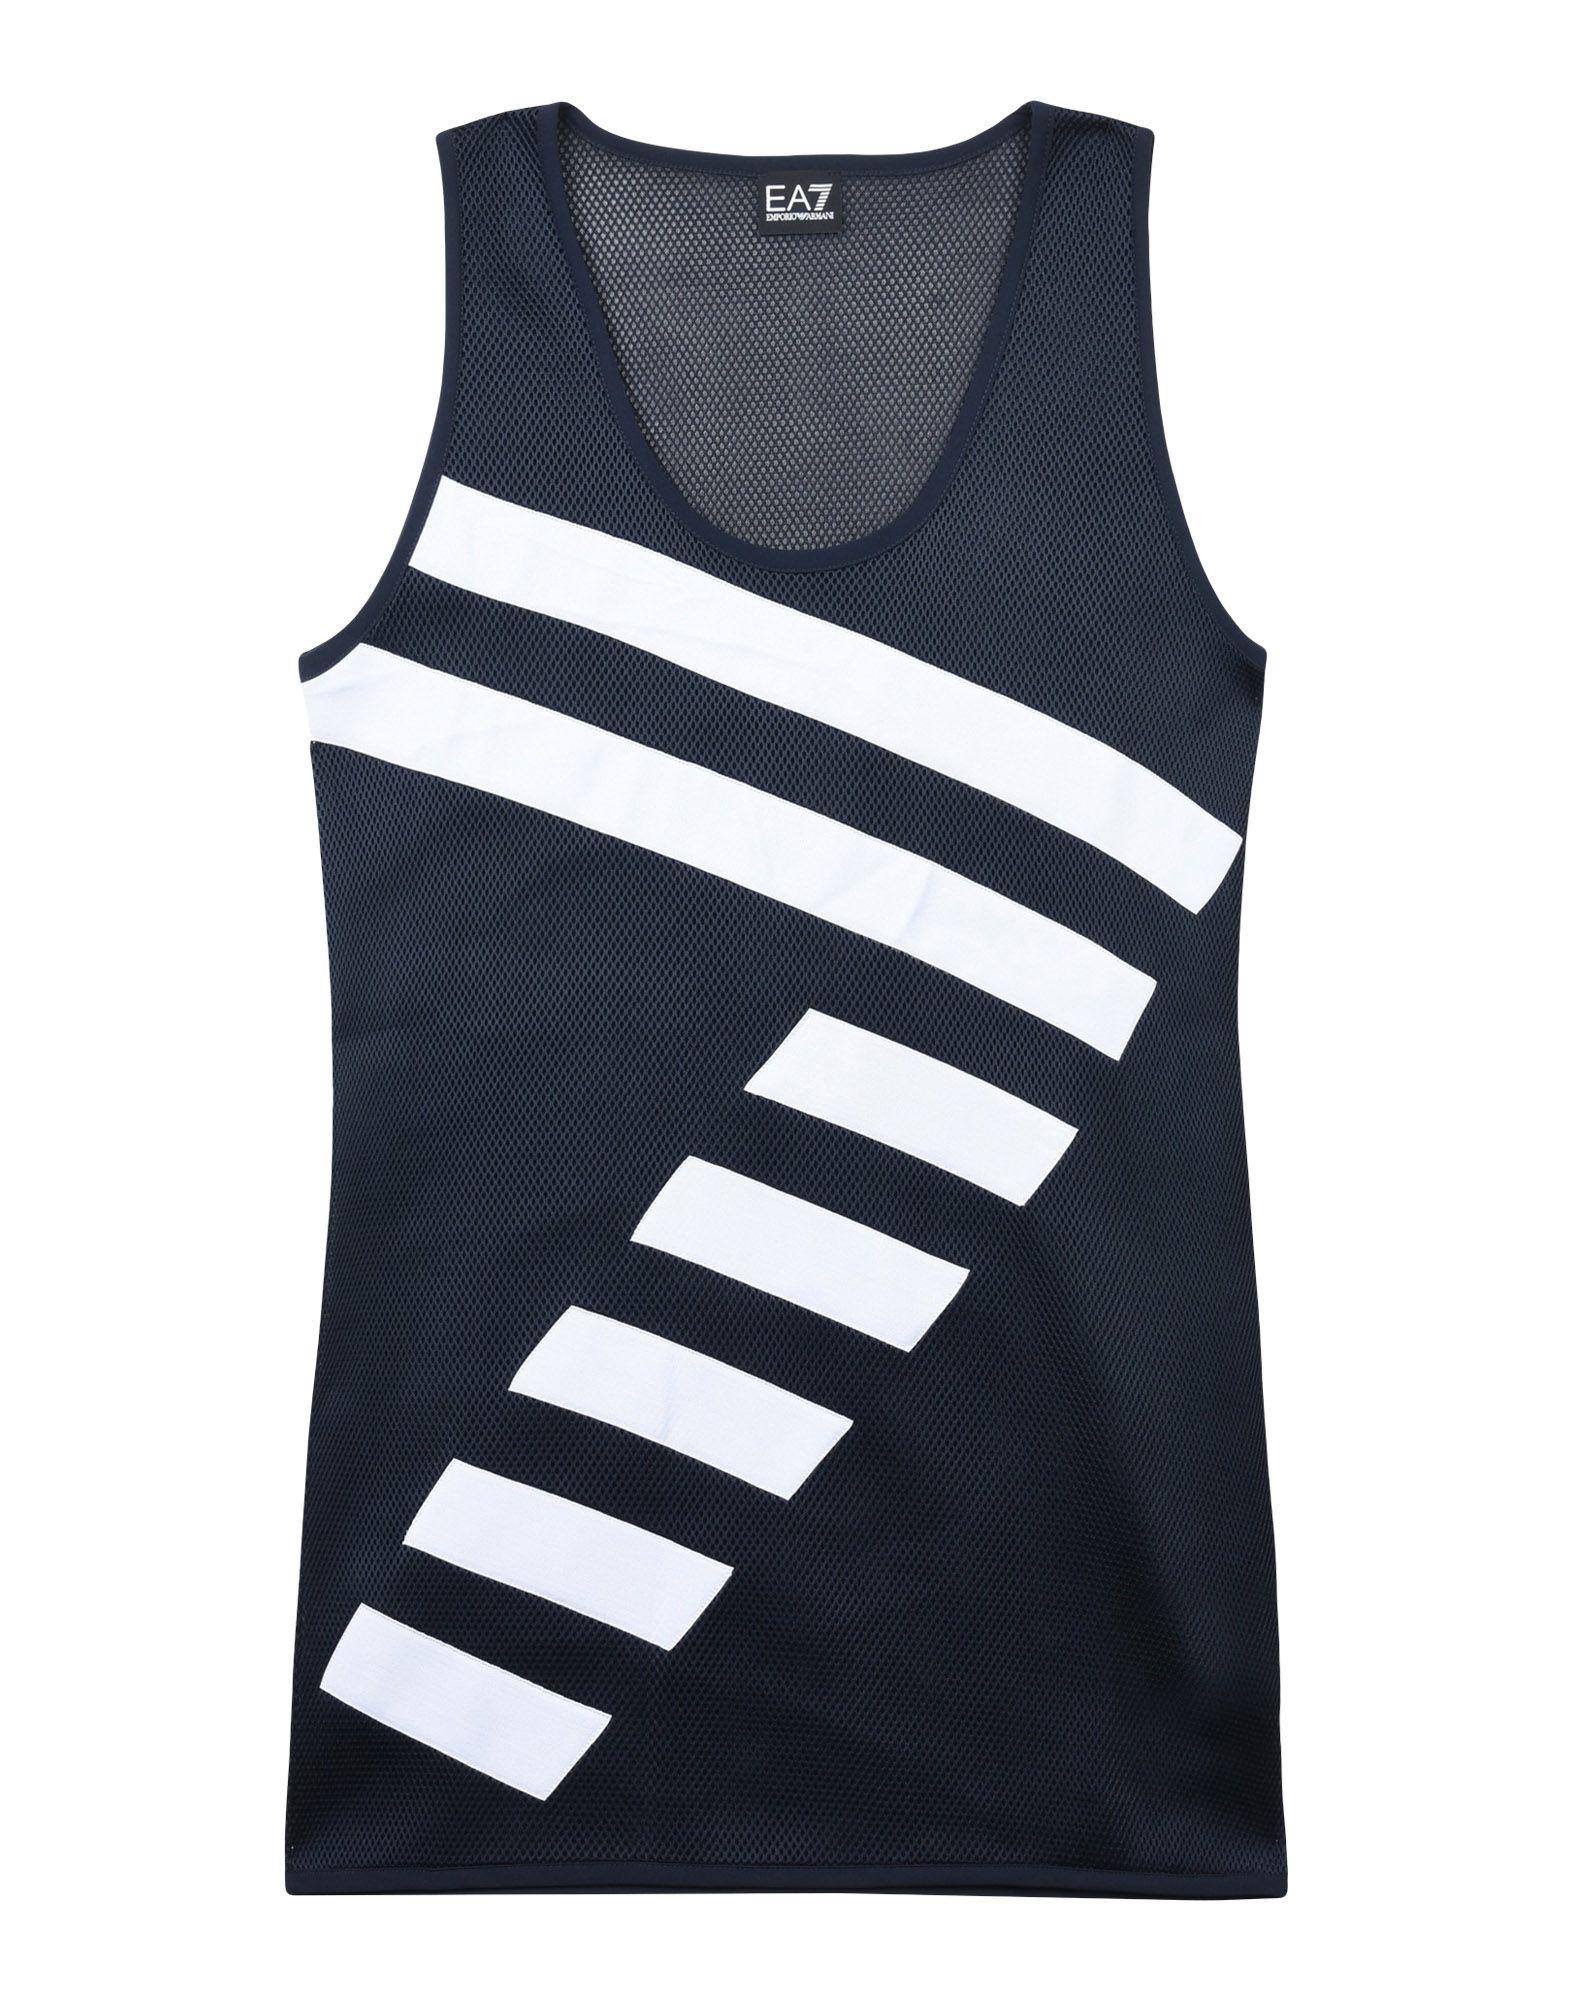 T-Shirt Ea7 Uomo - Acquista online su